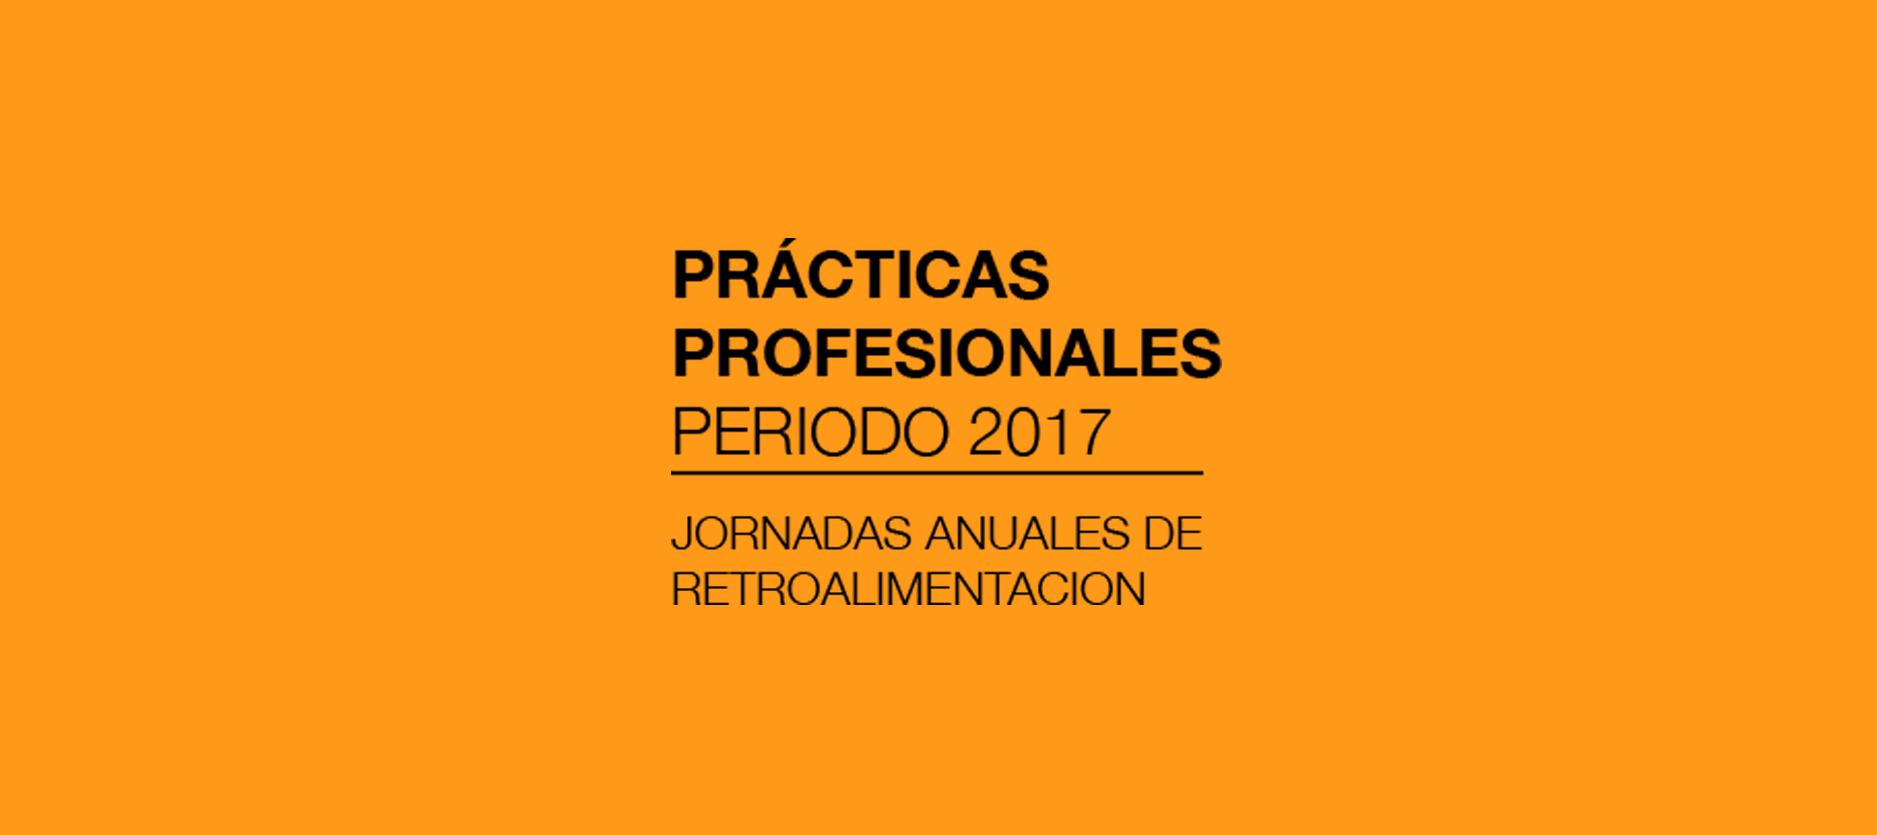 Prácticas Profesionales Periodo 2017